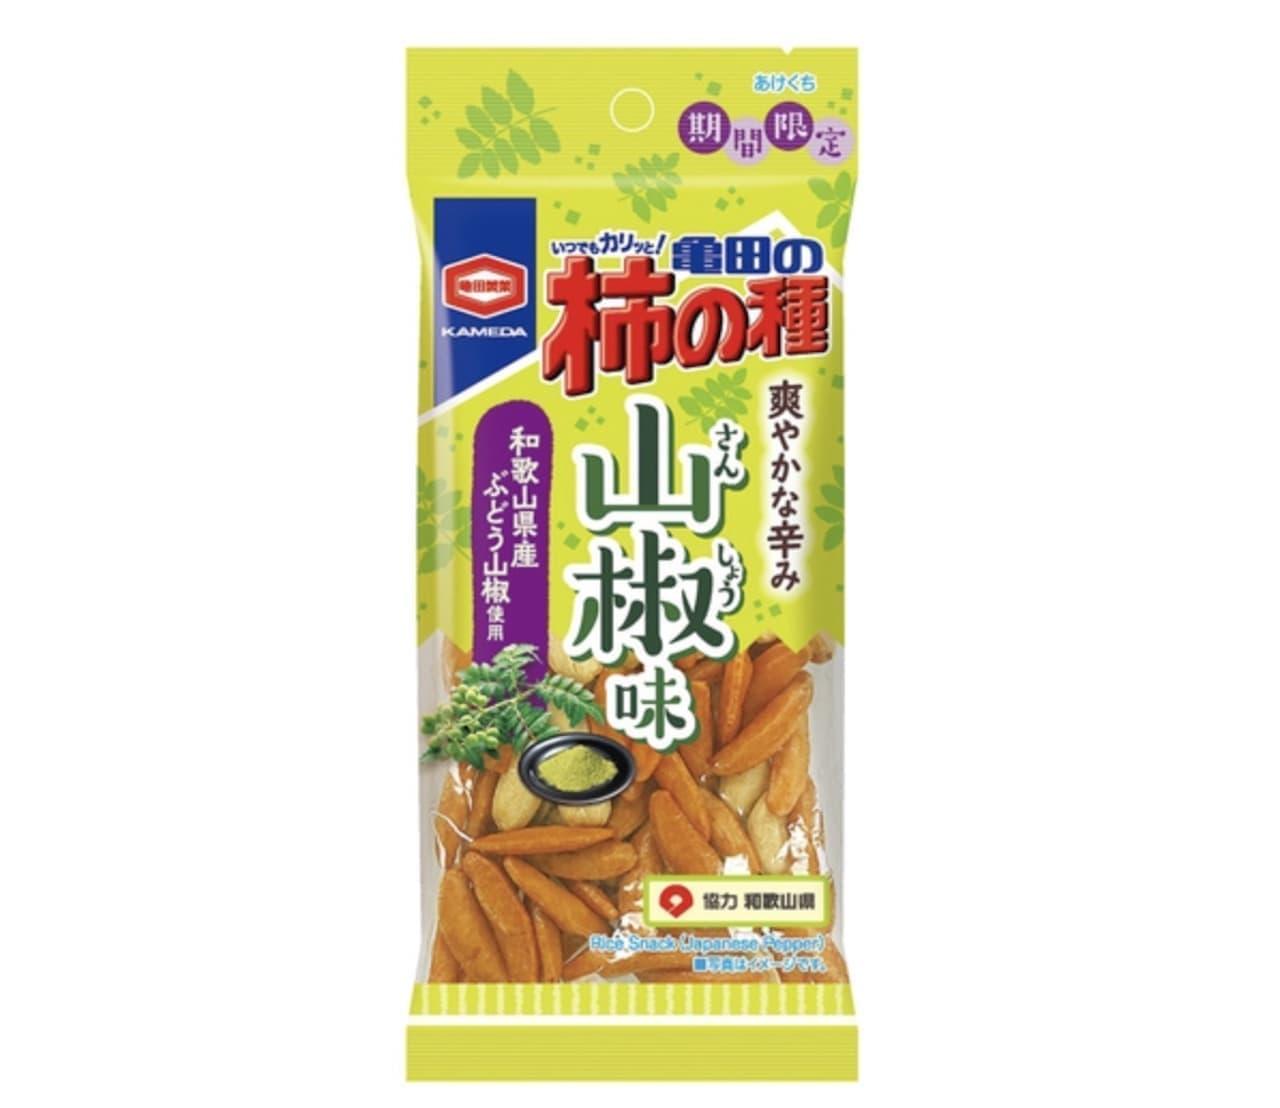 亀田製菓「50g 亀田の柿の種 山椒味」